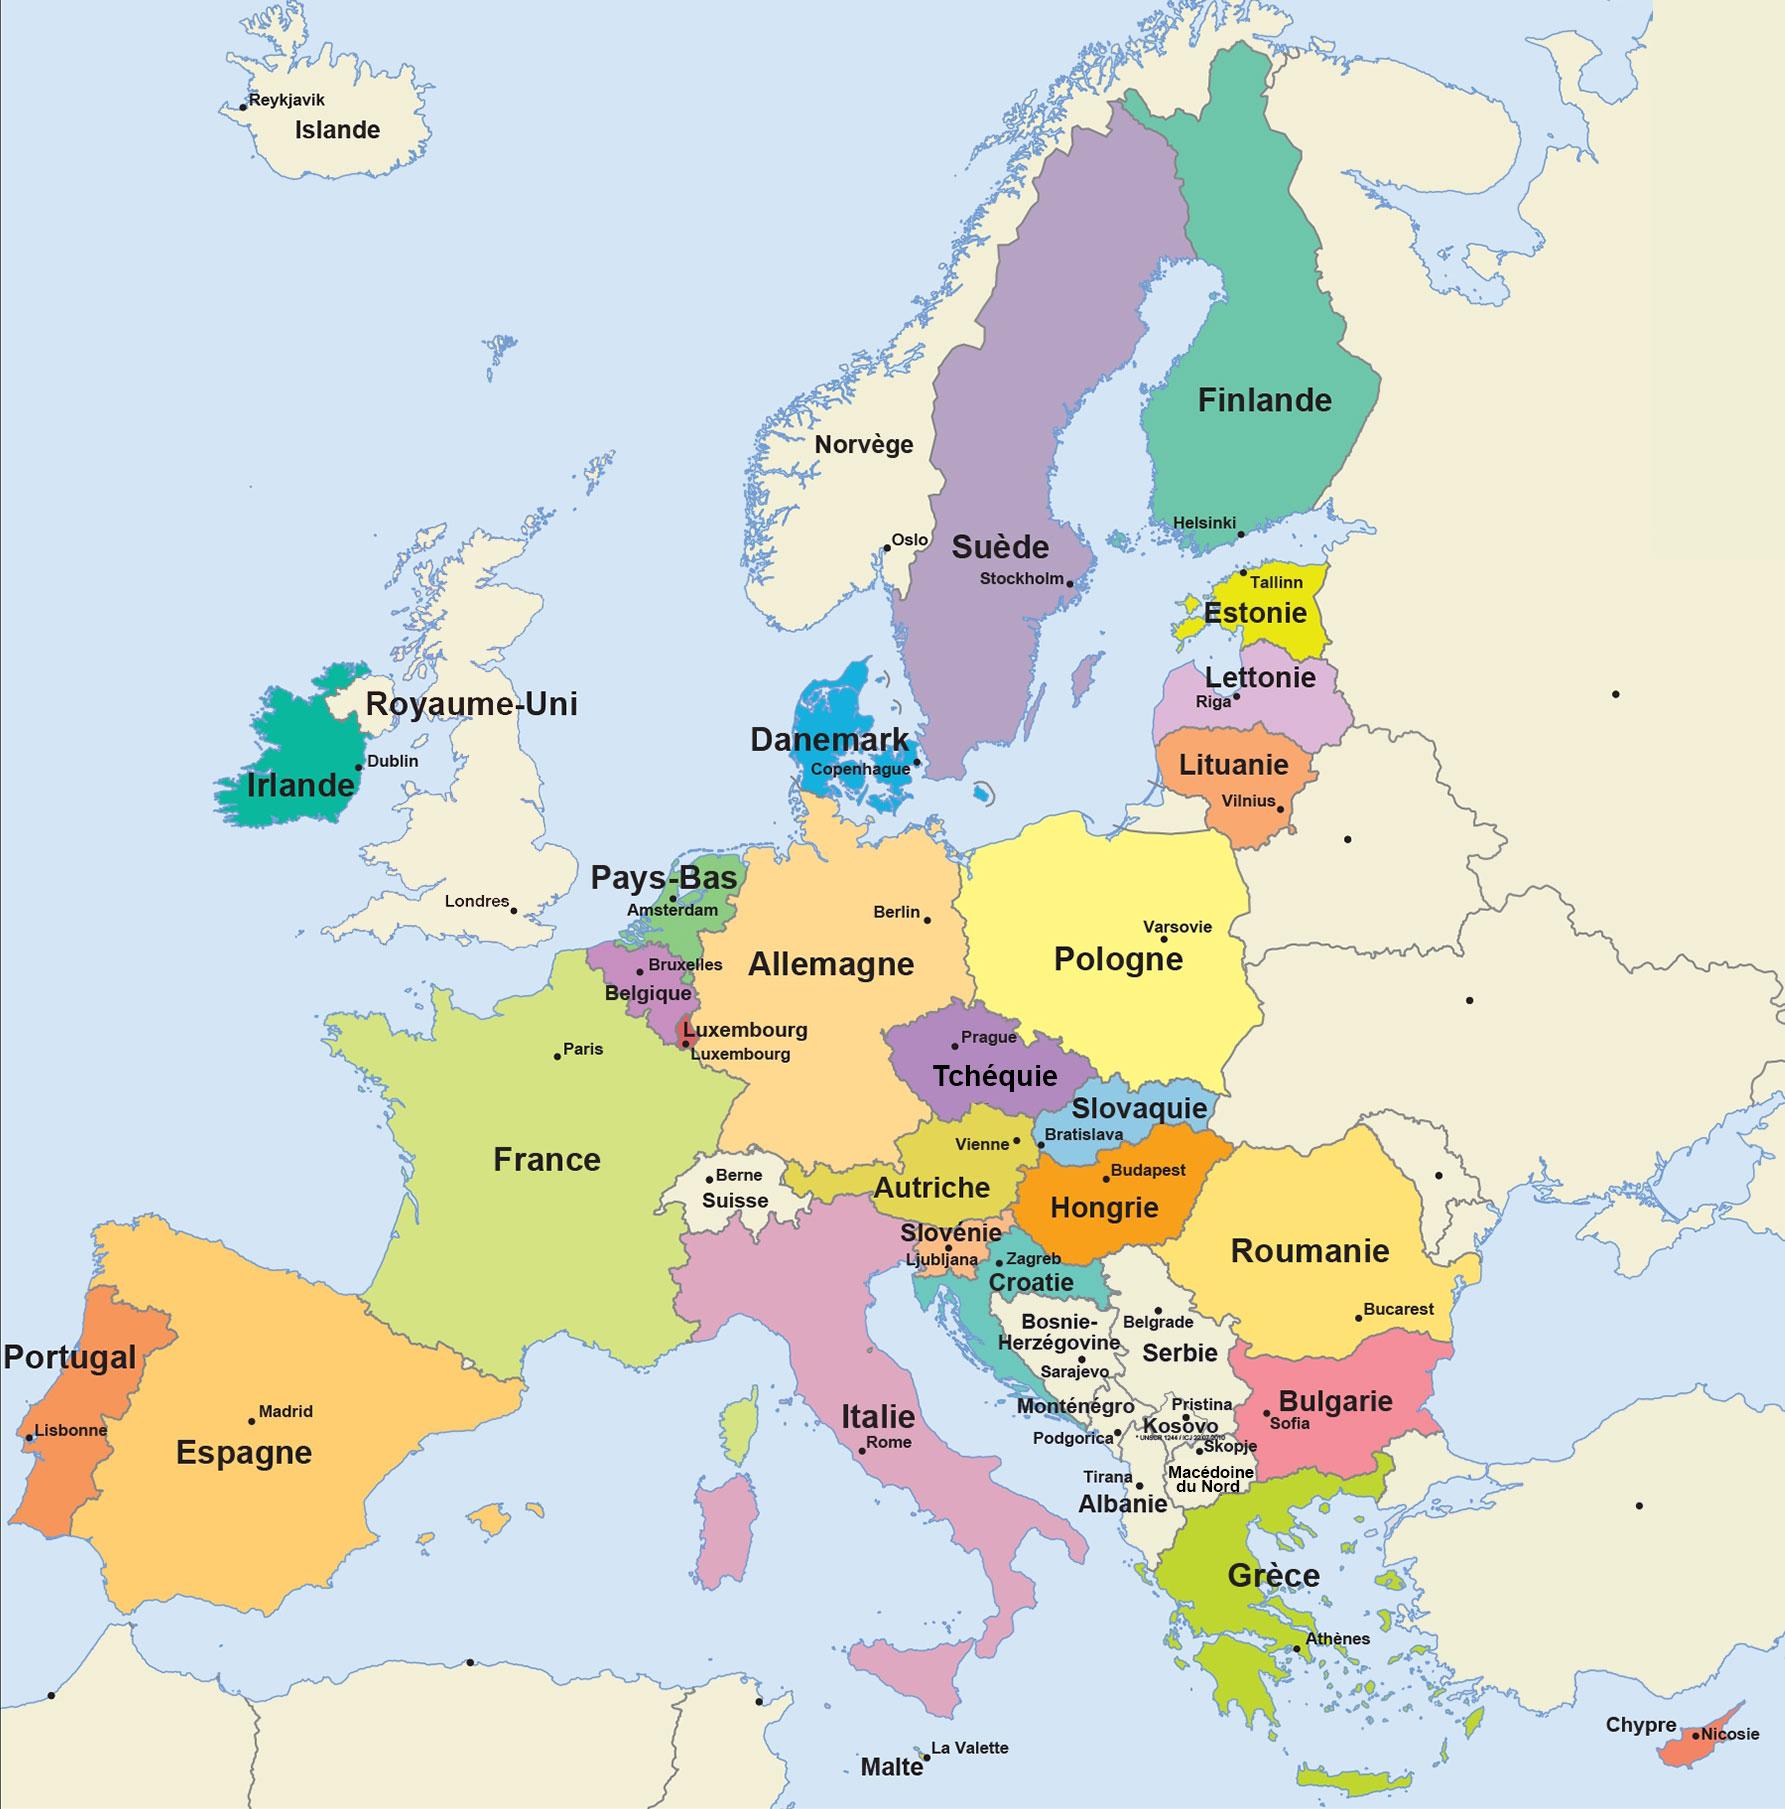 Facile À Lire - L'union Européenne | Union Européenne dedans Carte D Europe Avec Pays